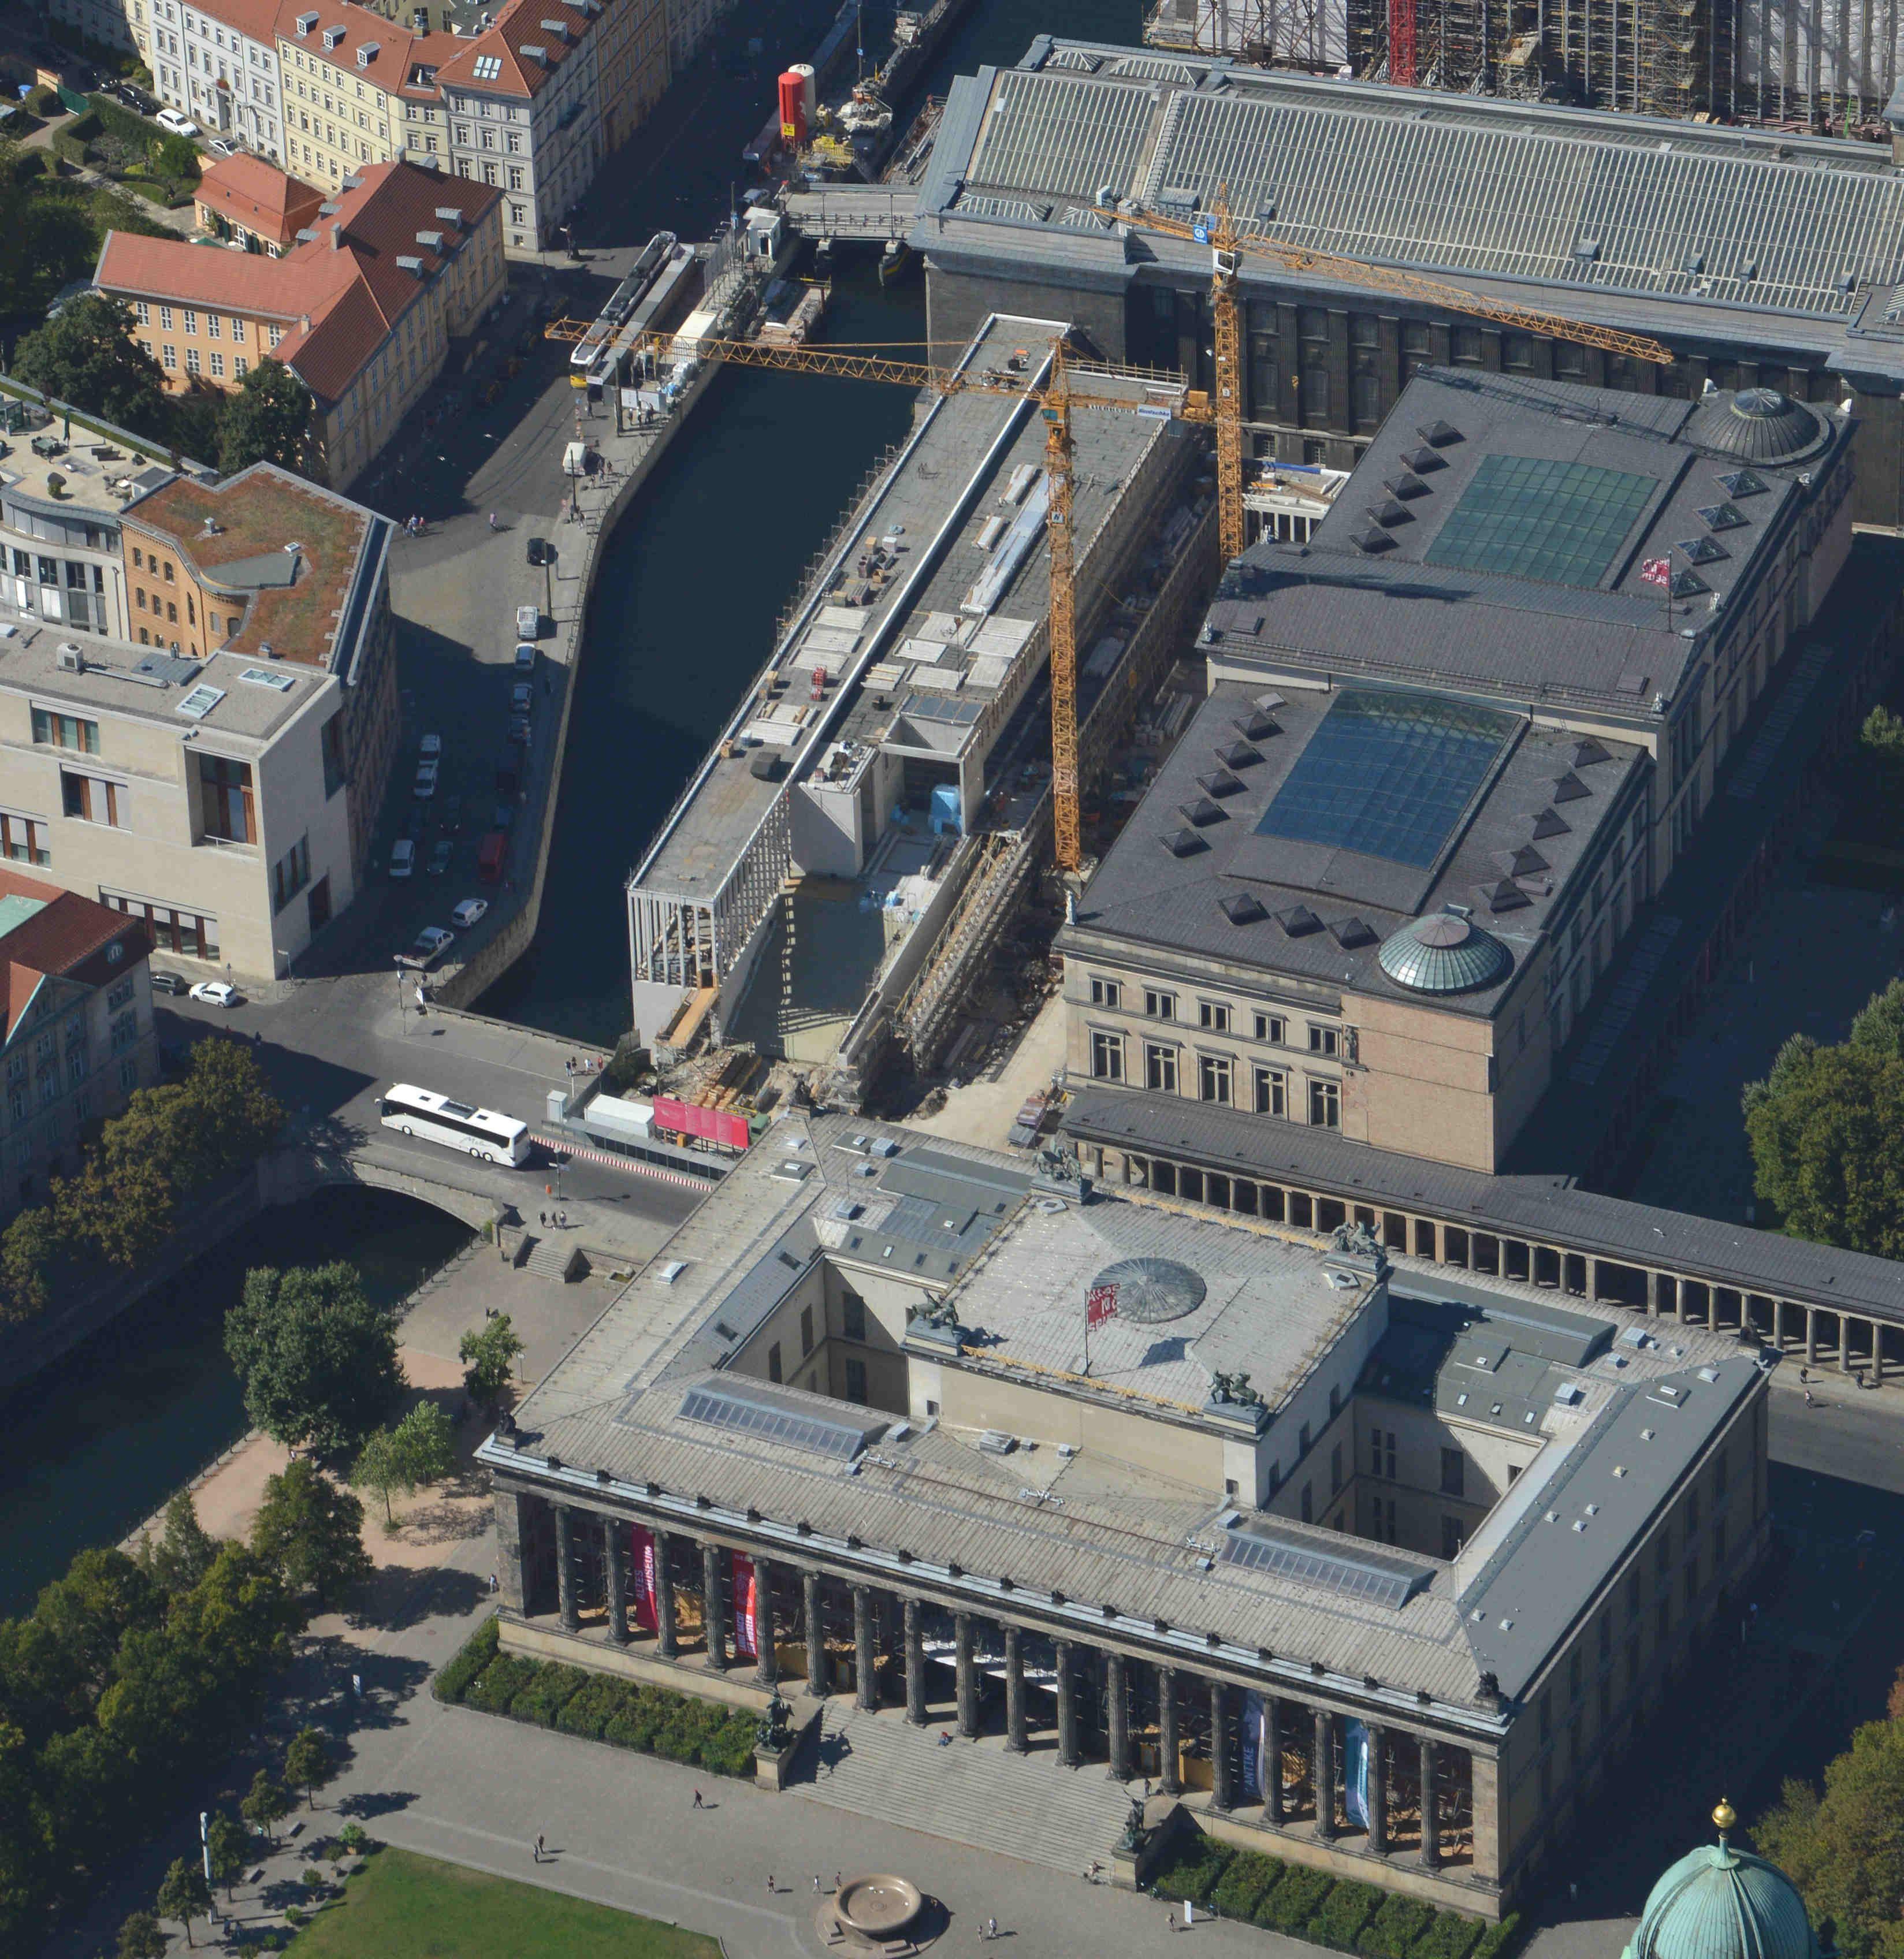 Diese Luftbilder Zeigen Den Berliner Spatsommer Von Oben Museum Insel Sommer Und Bilder